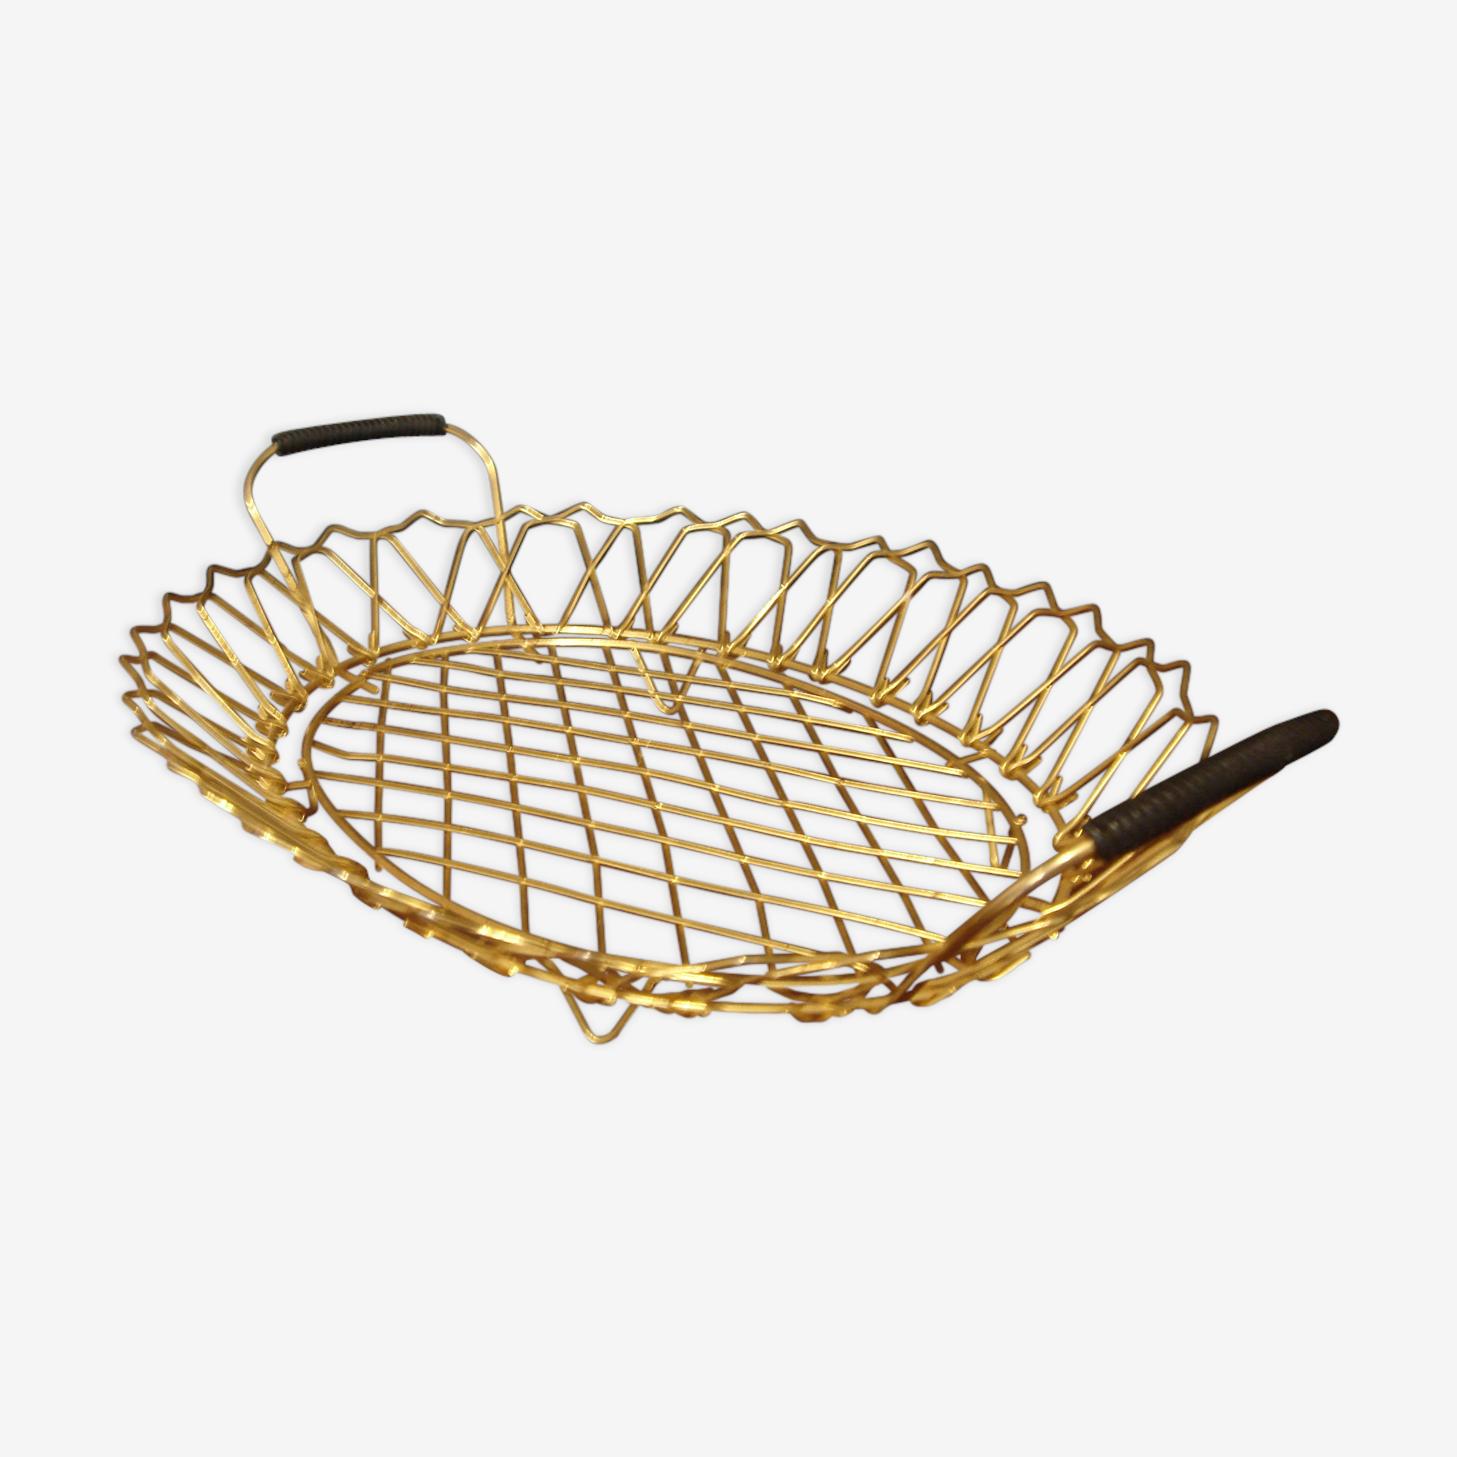 Erdecor fruit basket fine gold from 1950